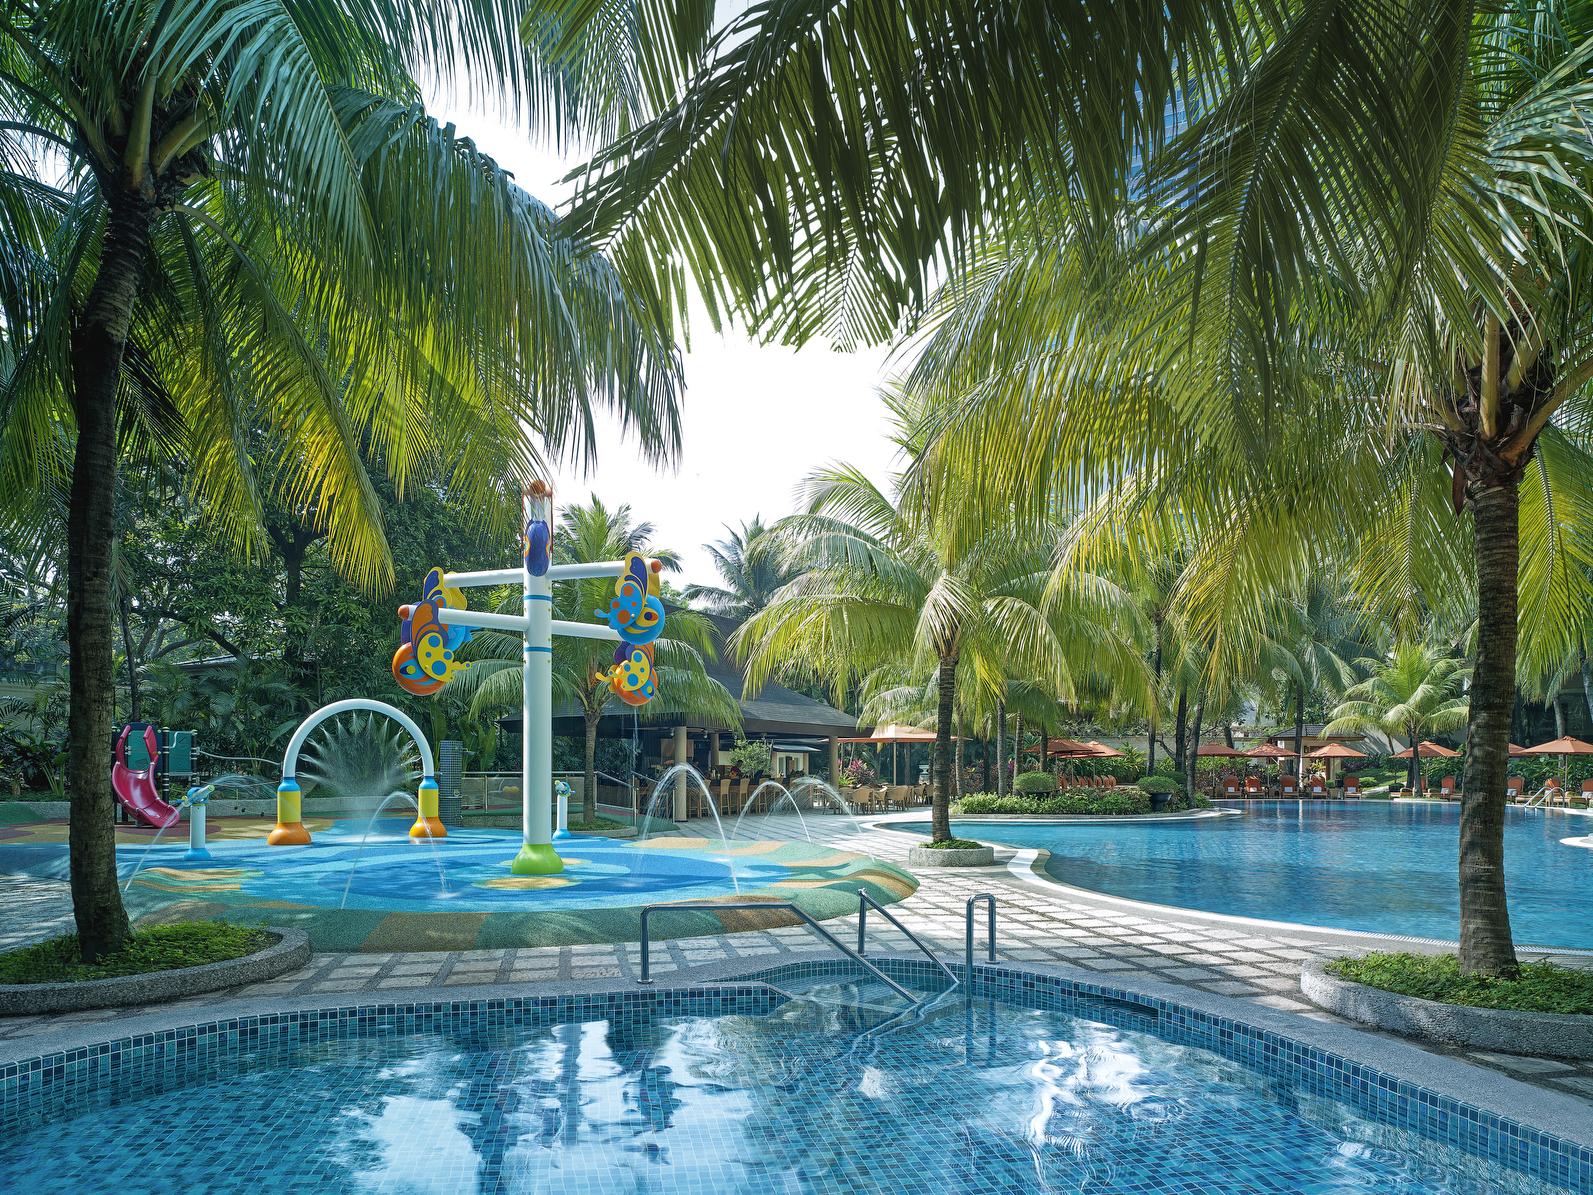 Edsa-Shangri-La-Manila-Poolside-Aqua-Play.jpg